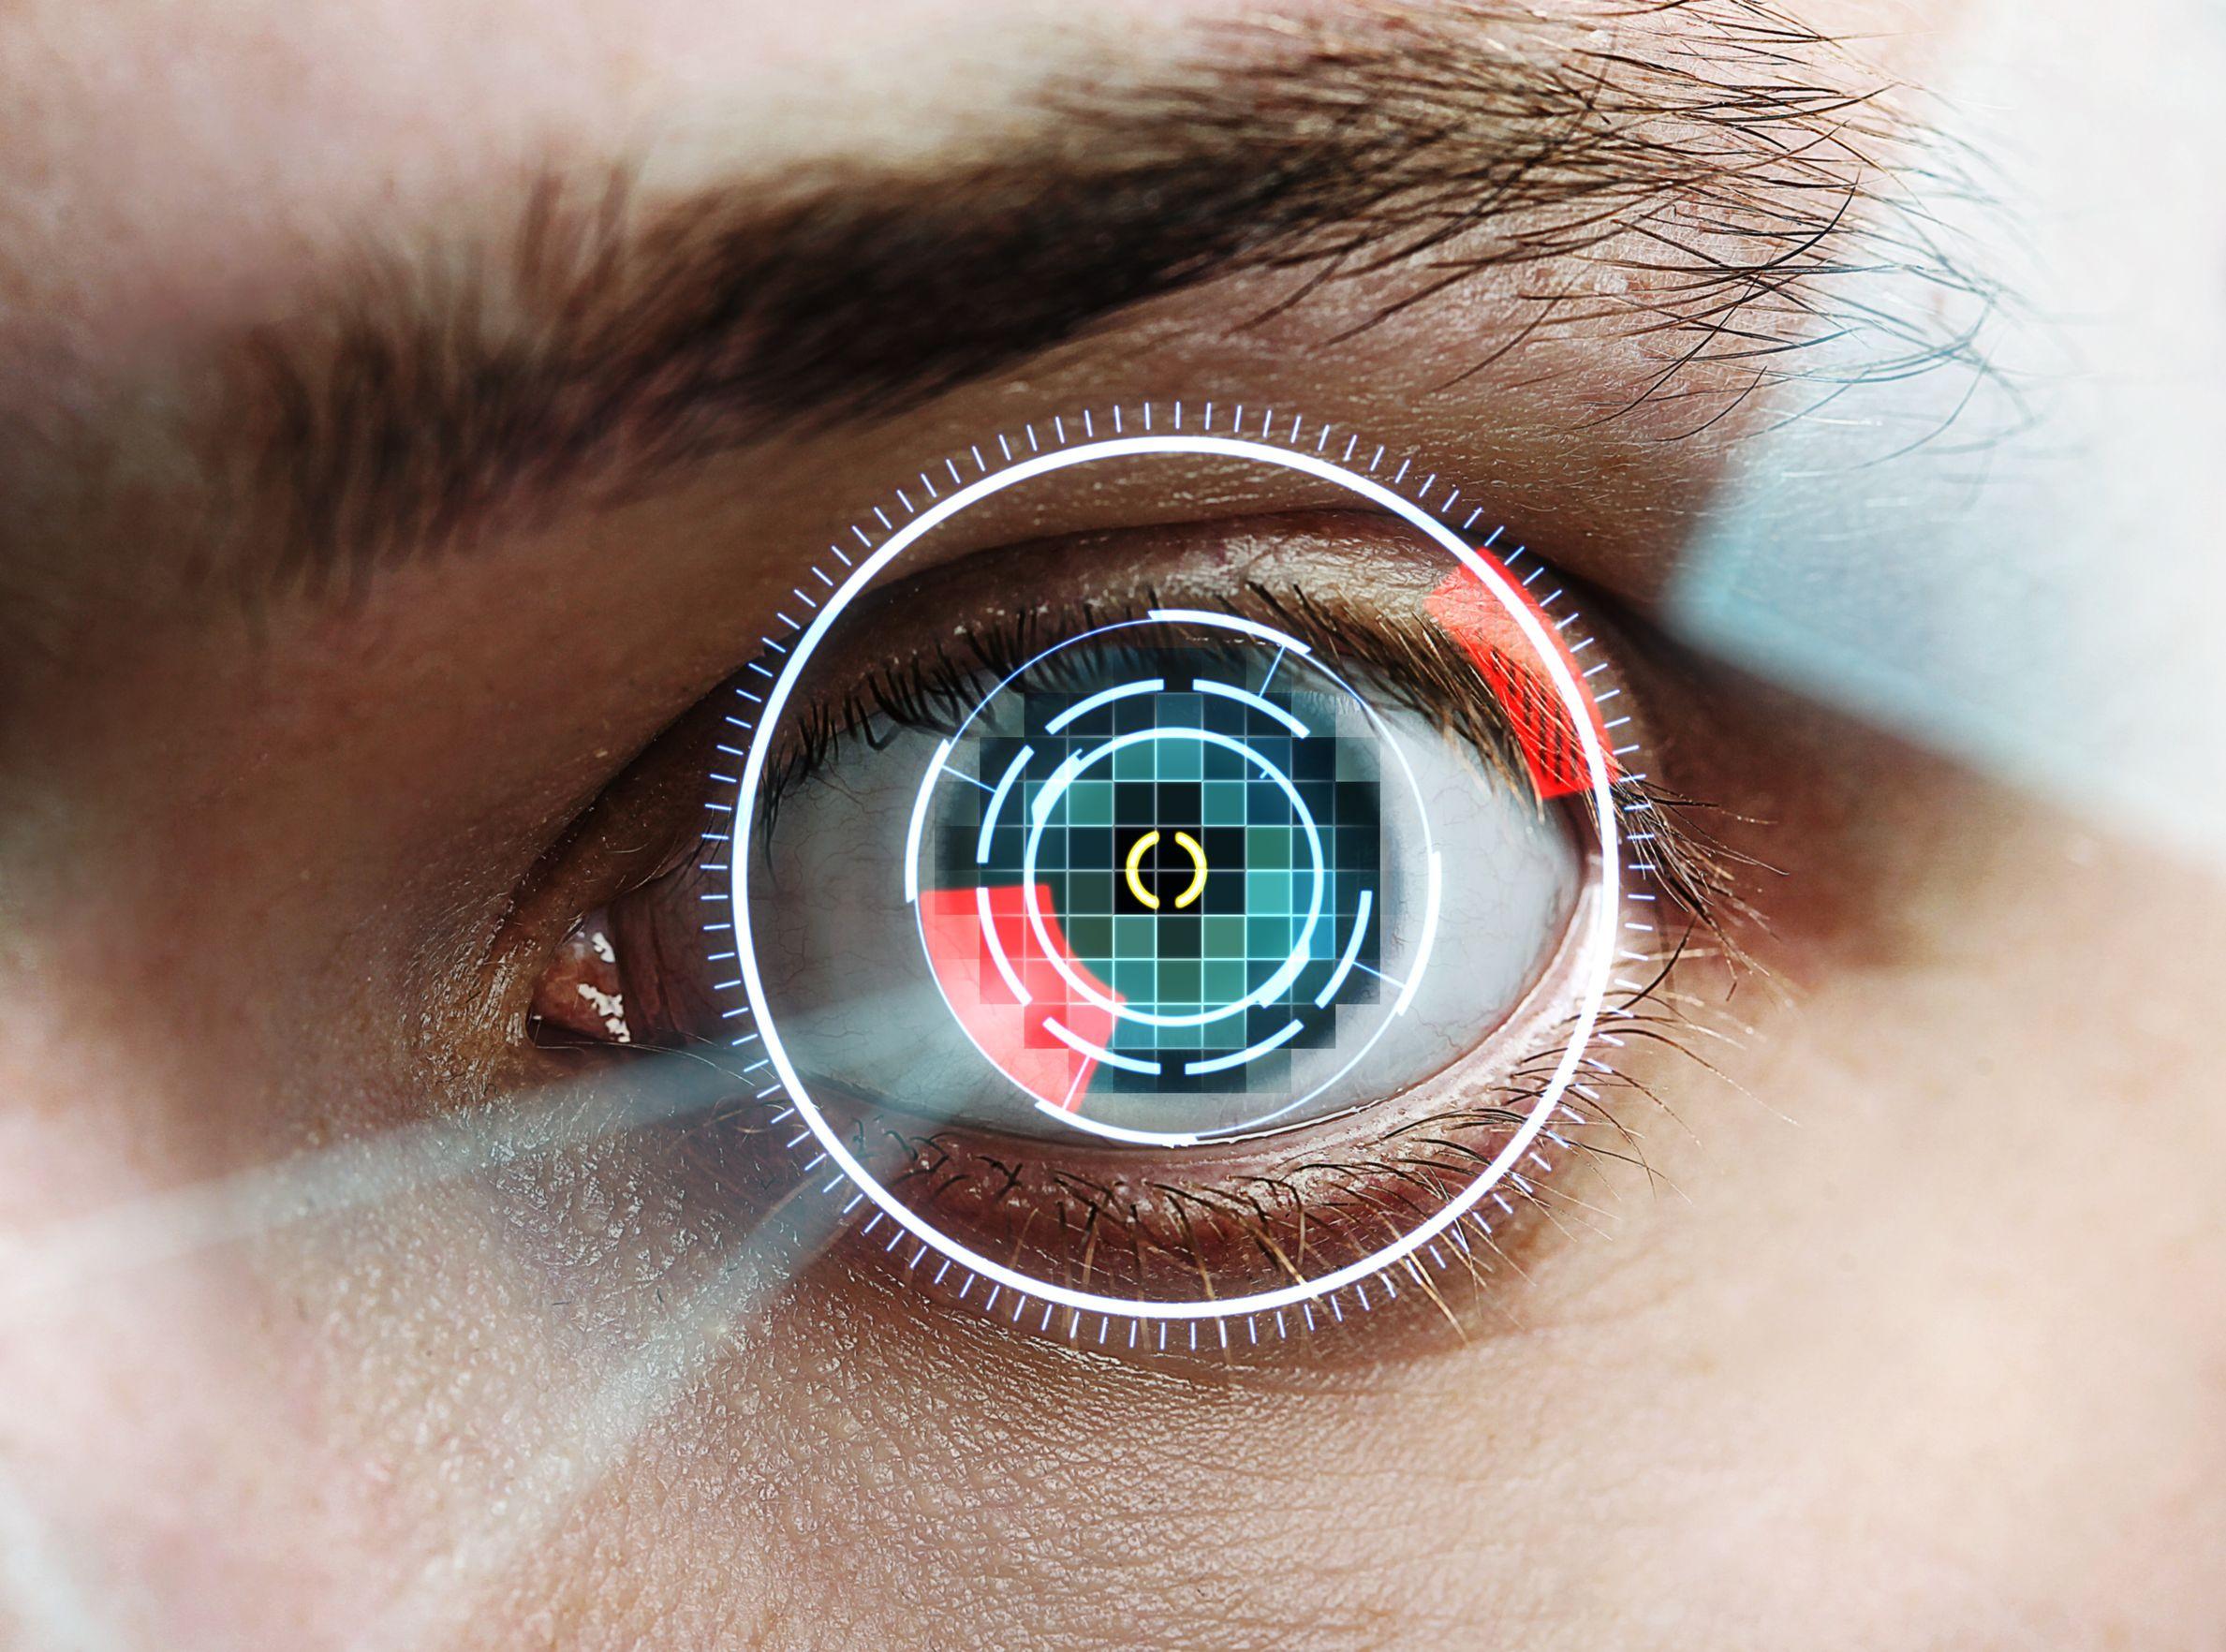 14036251 - laser scanning eye, close up